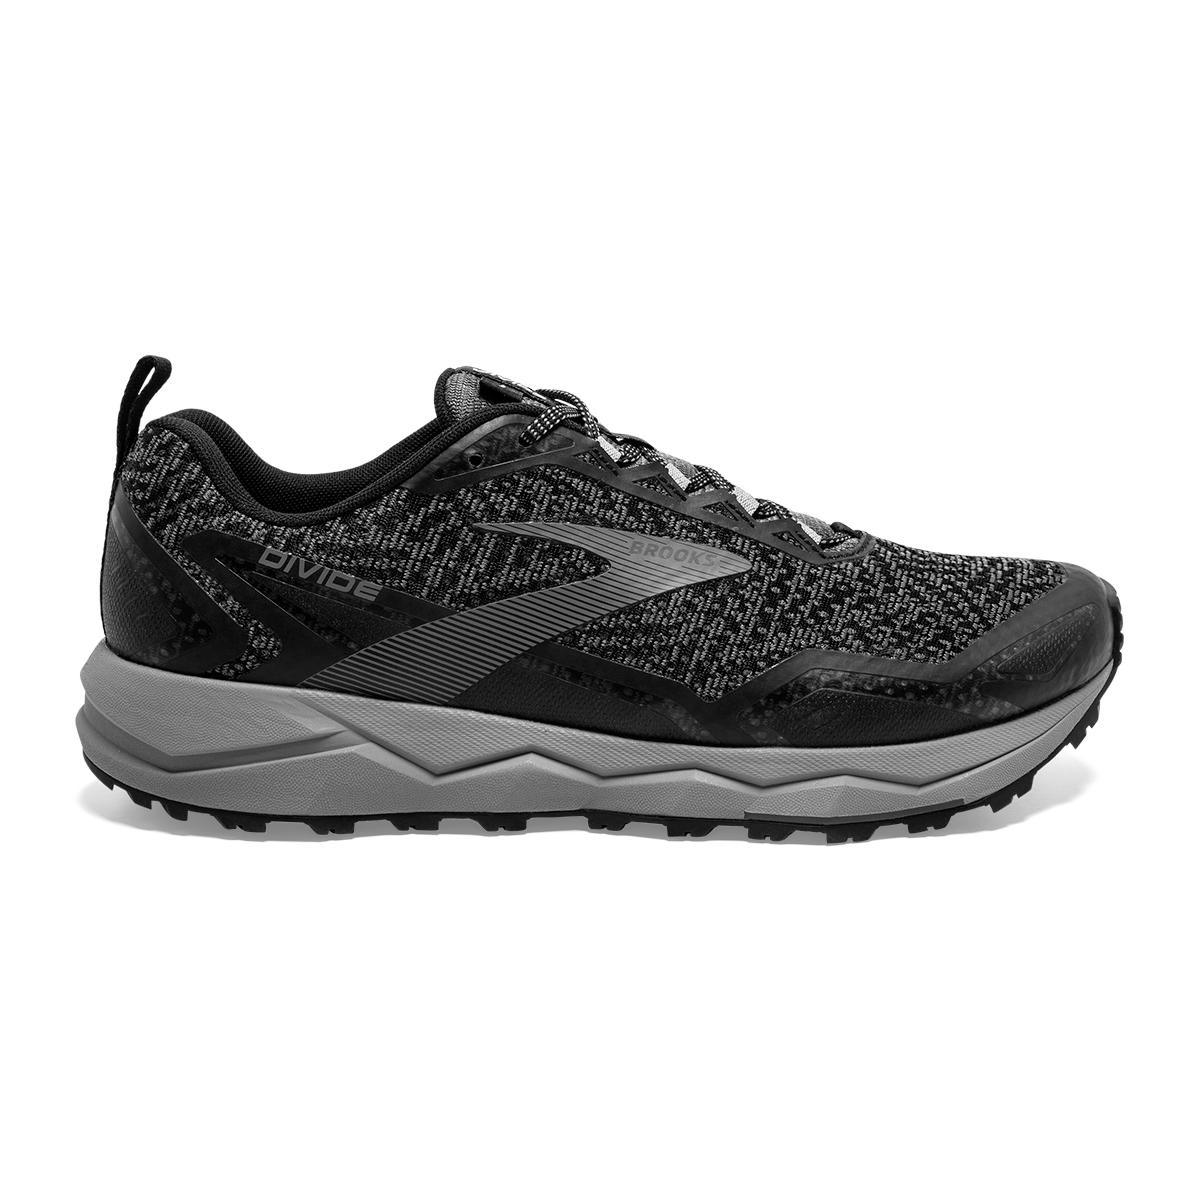 Men's Brooks Divide Trail Running Shoe - Color: Black/Grey (Regular Width) - Size: 7, Black/Grey, large, image 1